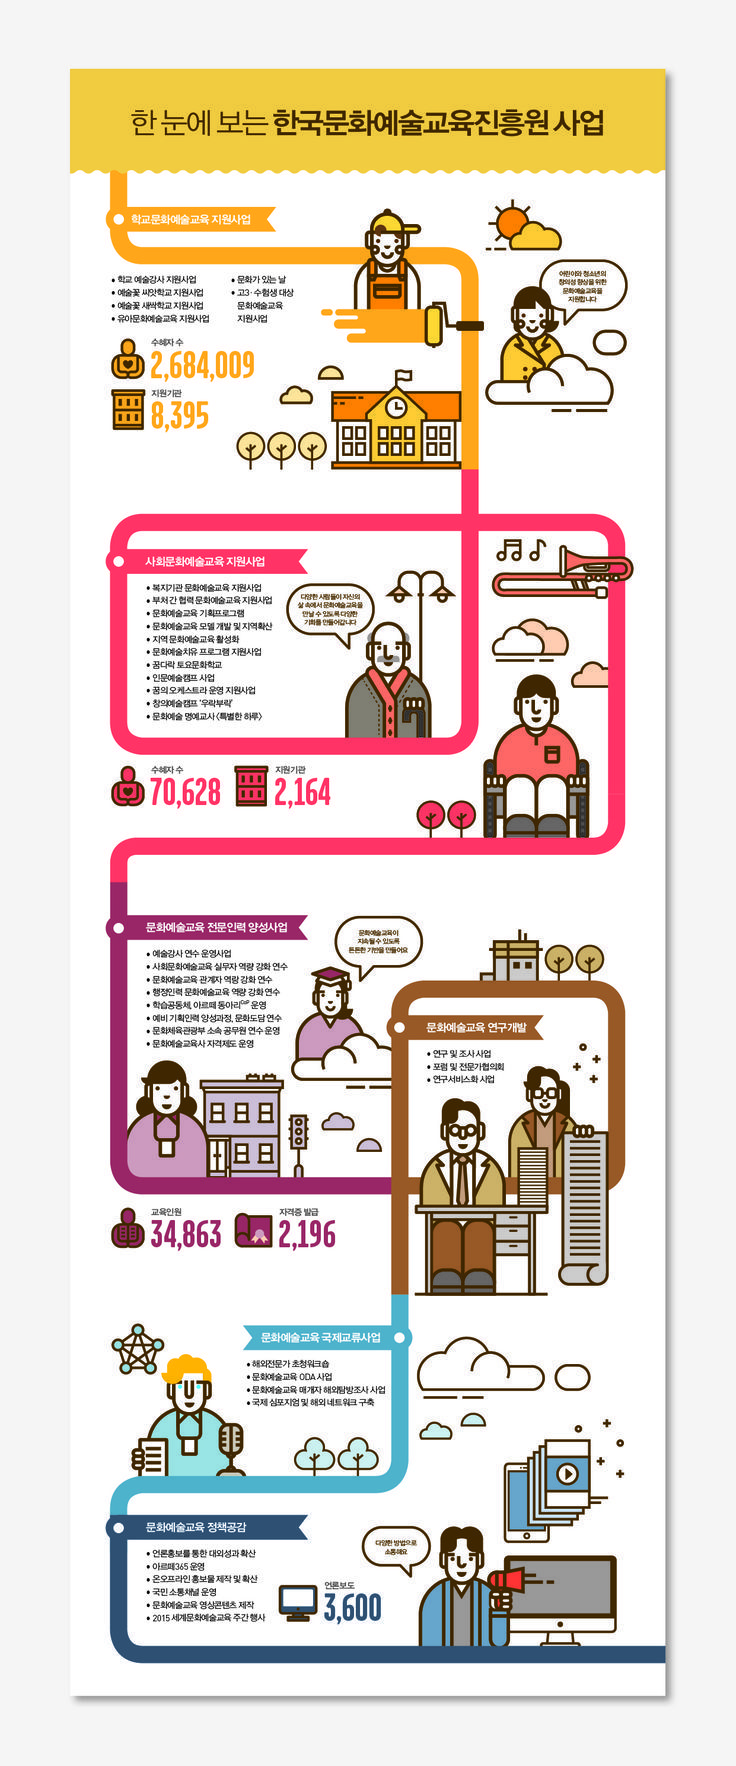 '한국문화예술교육진흥원 사업'에 관한 인포그래픽 #infographics